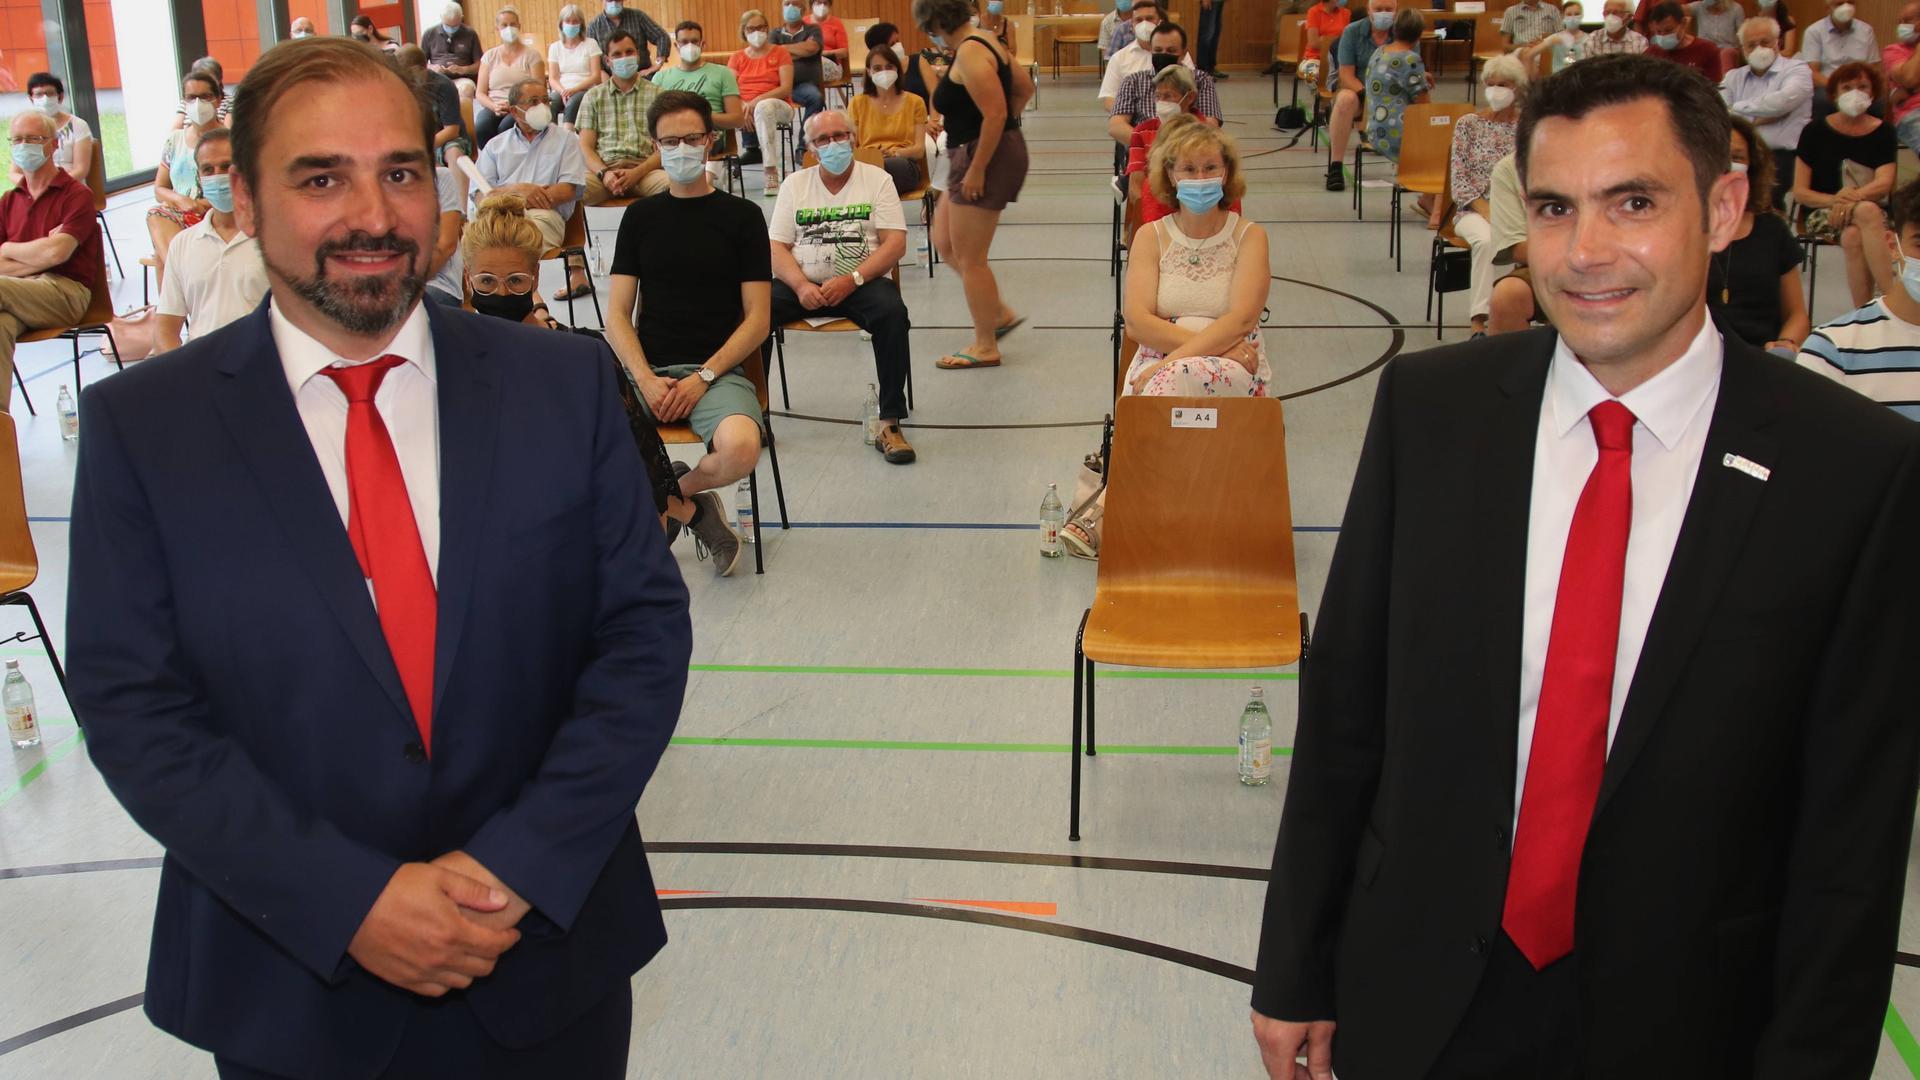 Könnte spannend werden: Ob im ersten Wahlgang der Bürgermeisterwahl in Keltern Amtsinhaber Steffen Bochinger (rechts) oder Dominique Roller vorne liegt, ist schwer einzuschätzen. Beide haben bei den Kandidatenvorstellungen einen guten Eindruck hinterlassen. Falls keiner der beiden am Sonntag mindestens 50 Prozent der Stimmen holt, geht es am 18. Juli in den zweiten Wahlgang.